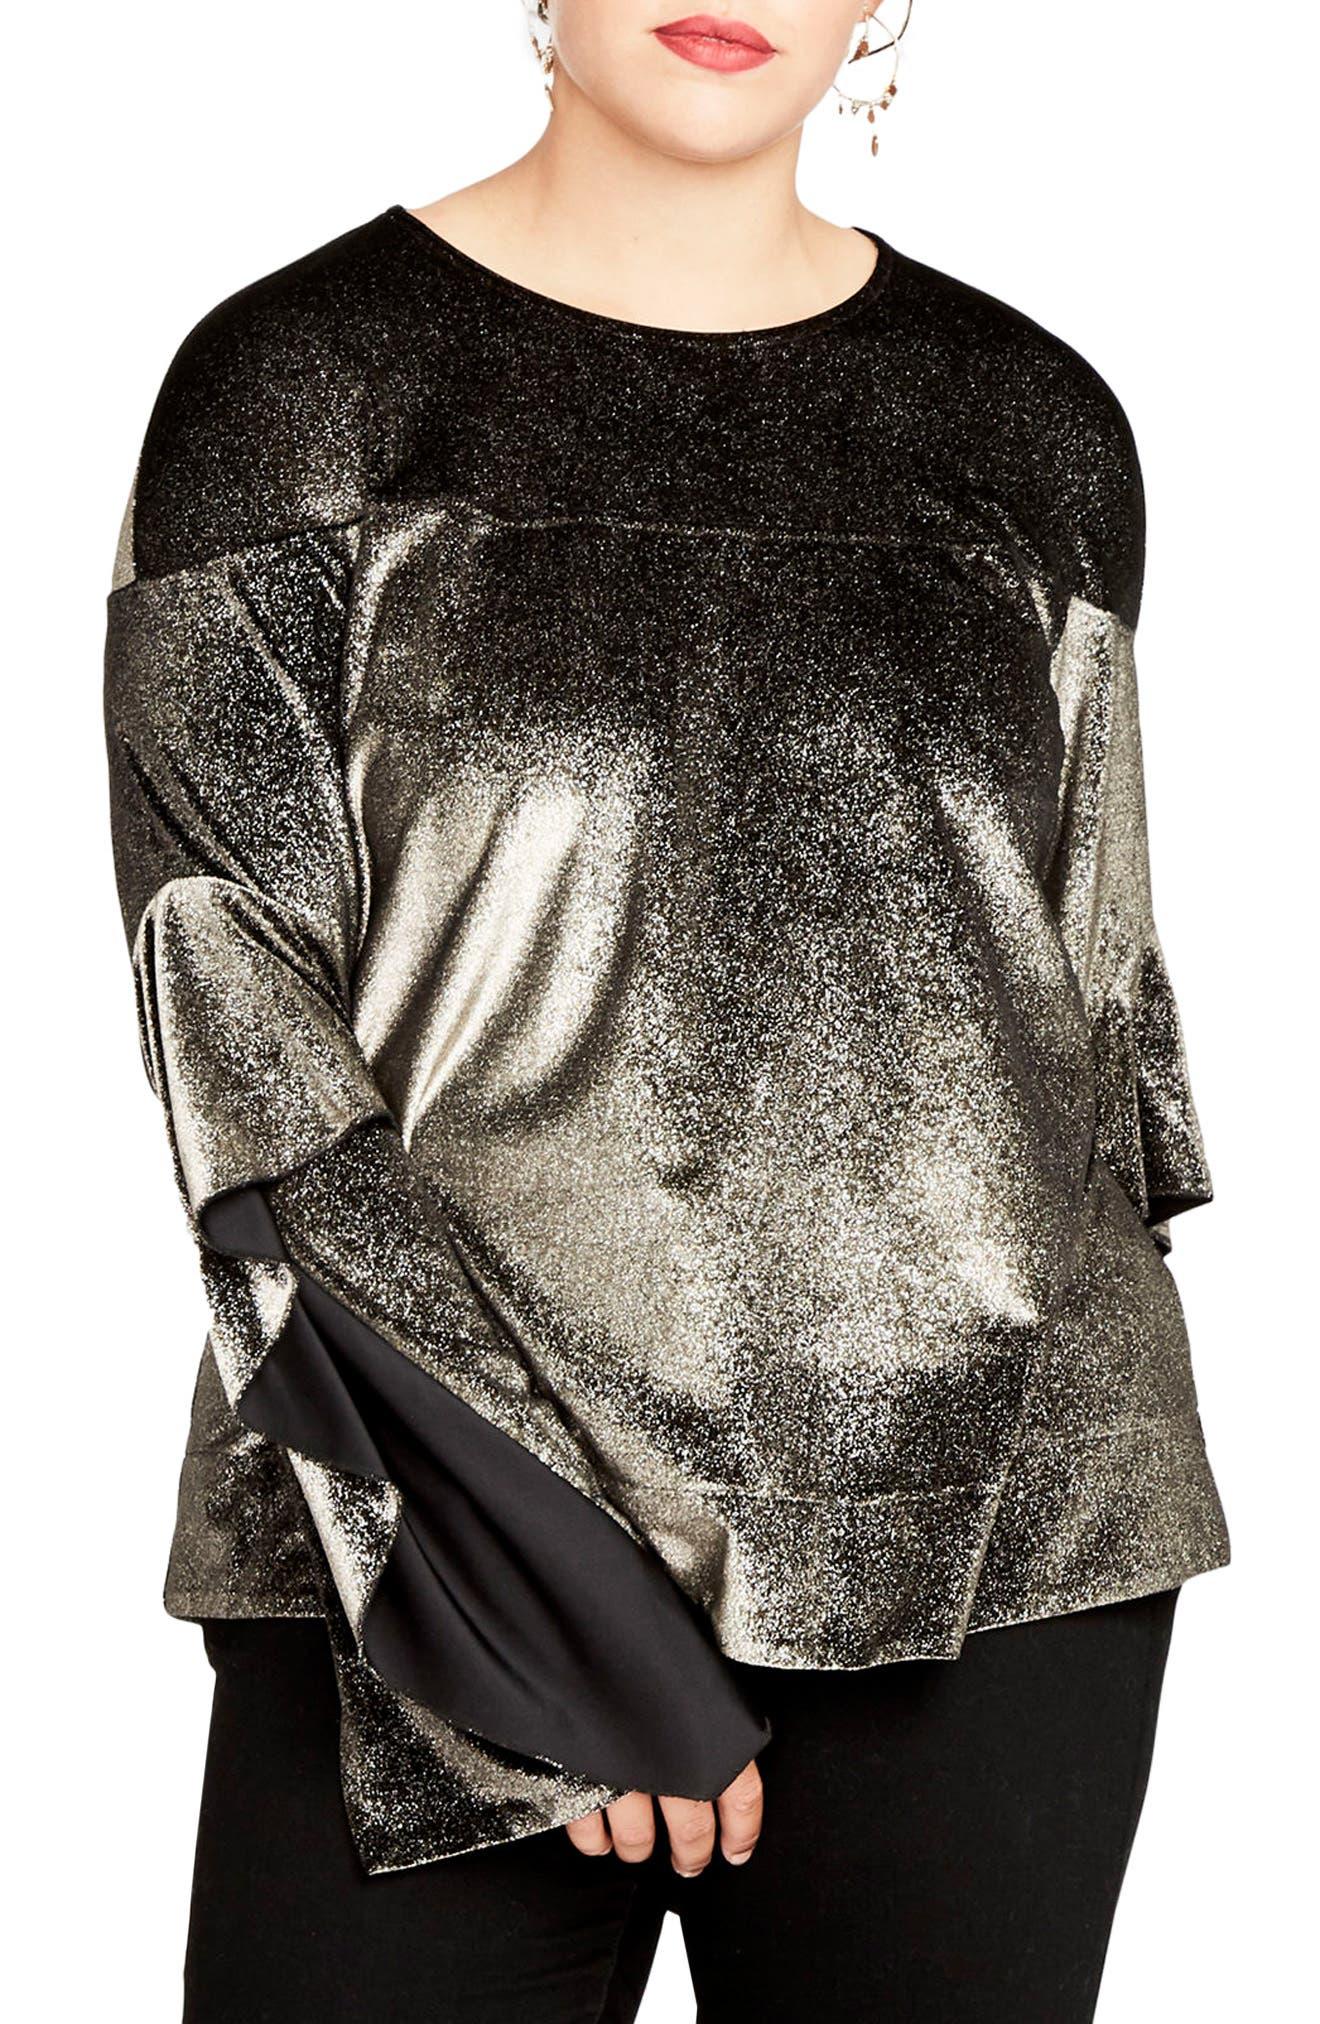 Alternate Image 1 Selected - RACHEL Rachel Roy Ruffle Sleeve Metallic Sweatshirt (Plus Size)